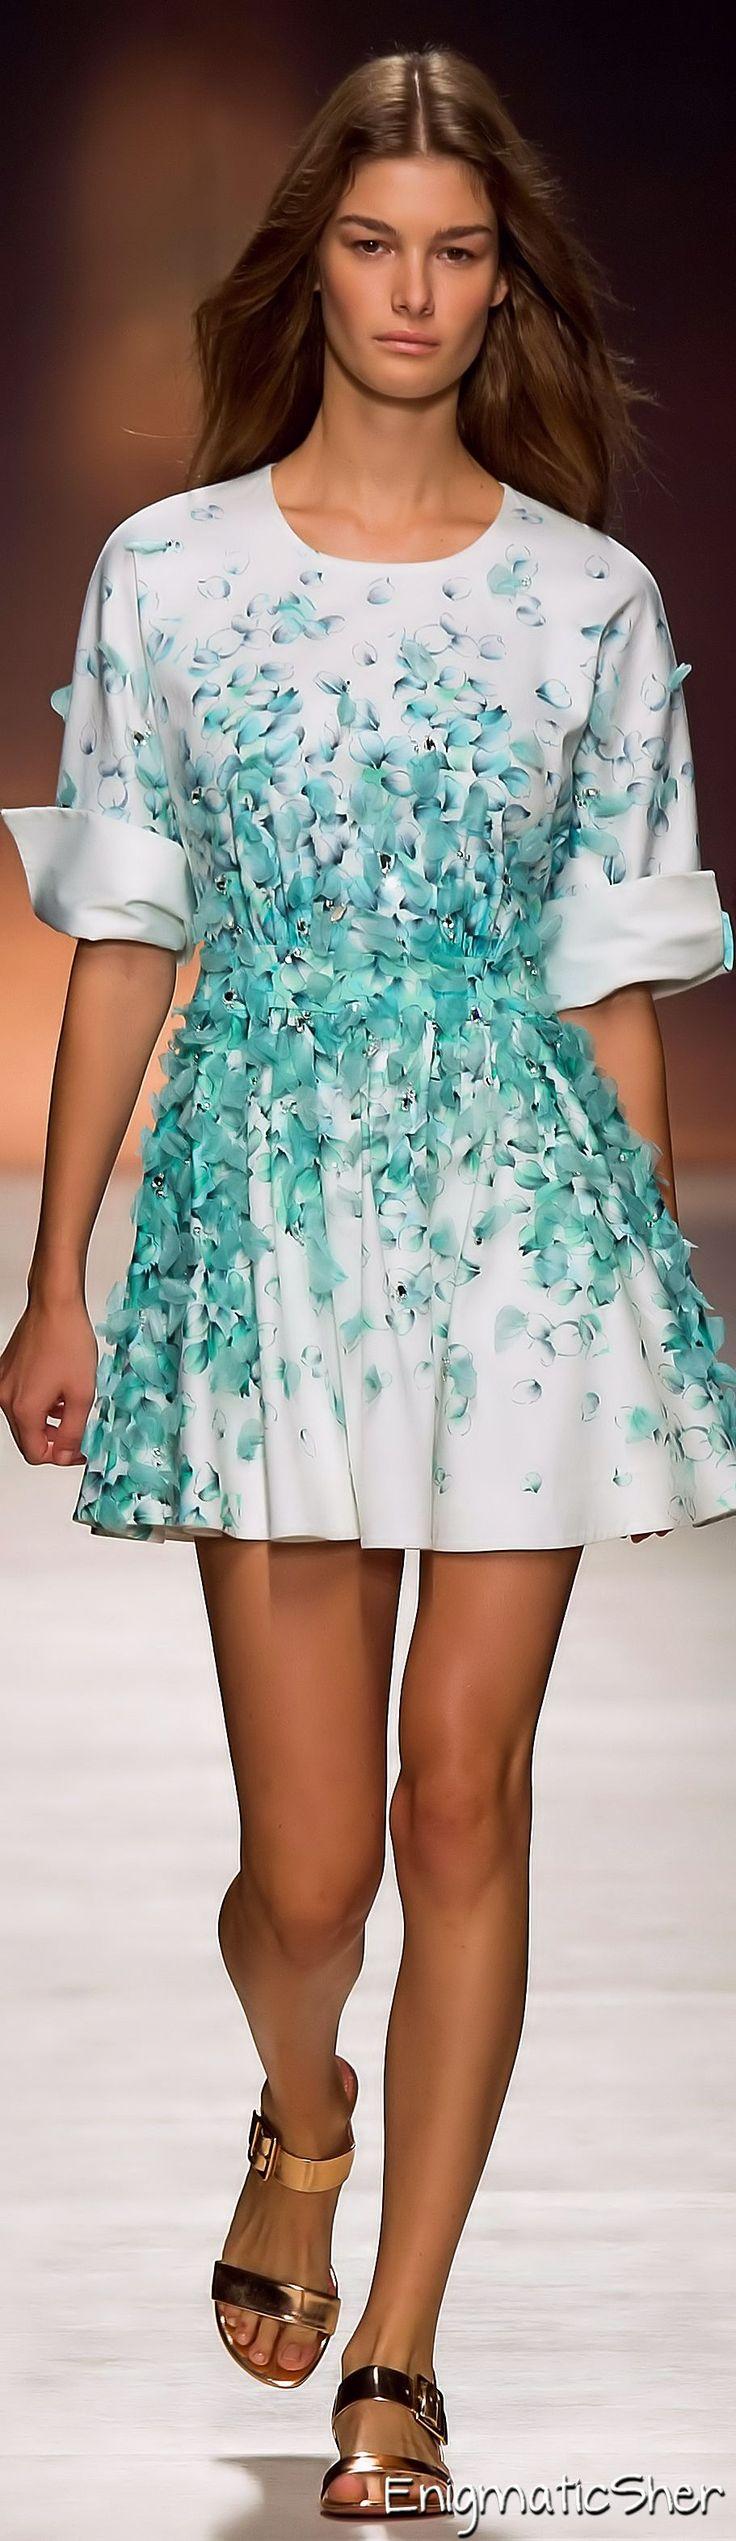 Blumarine Spring 2015 ReadytoWear Fashion Show